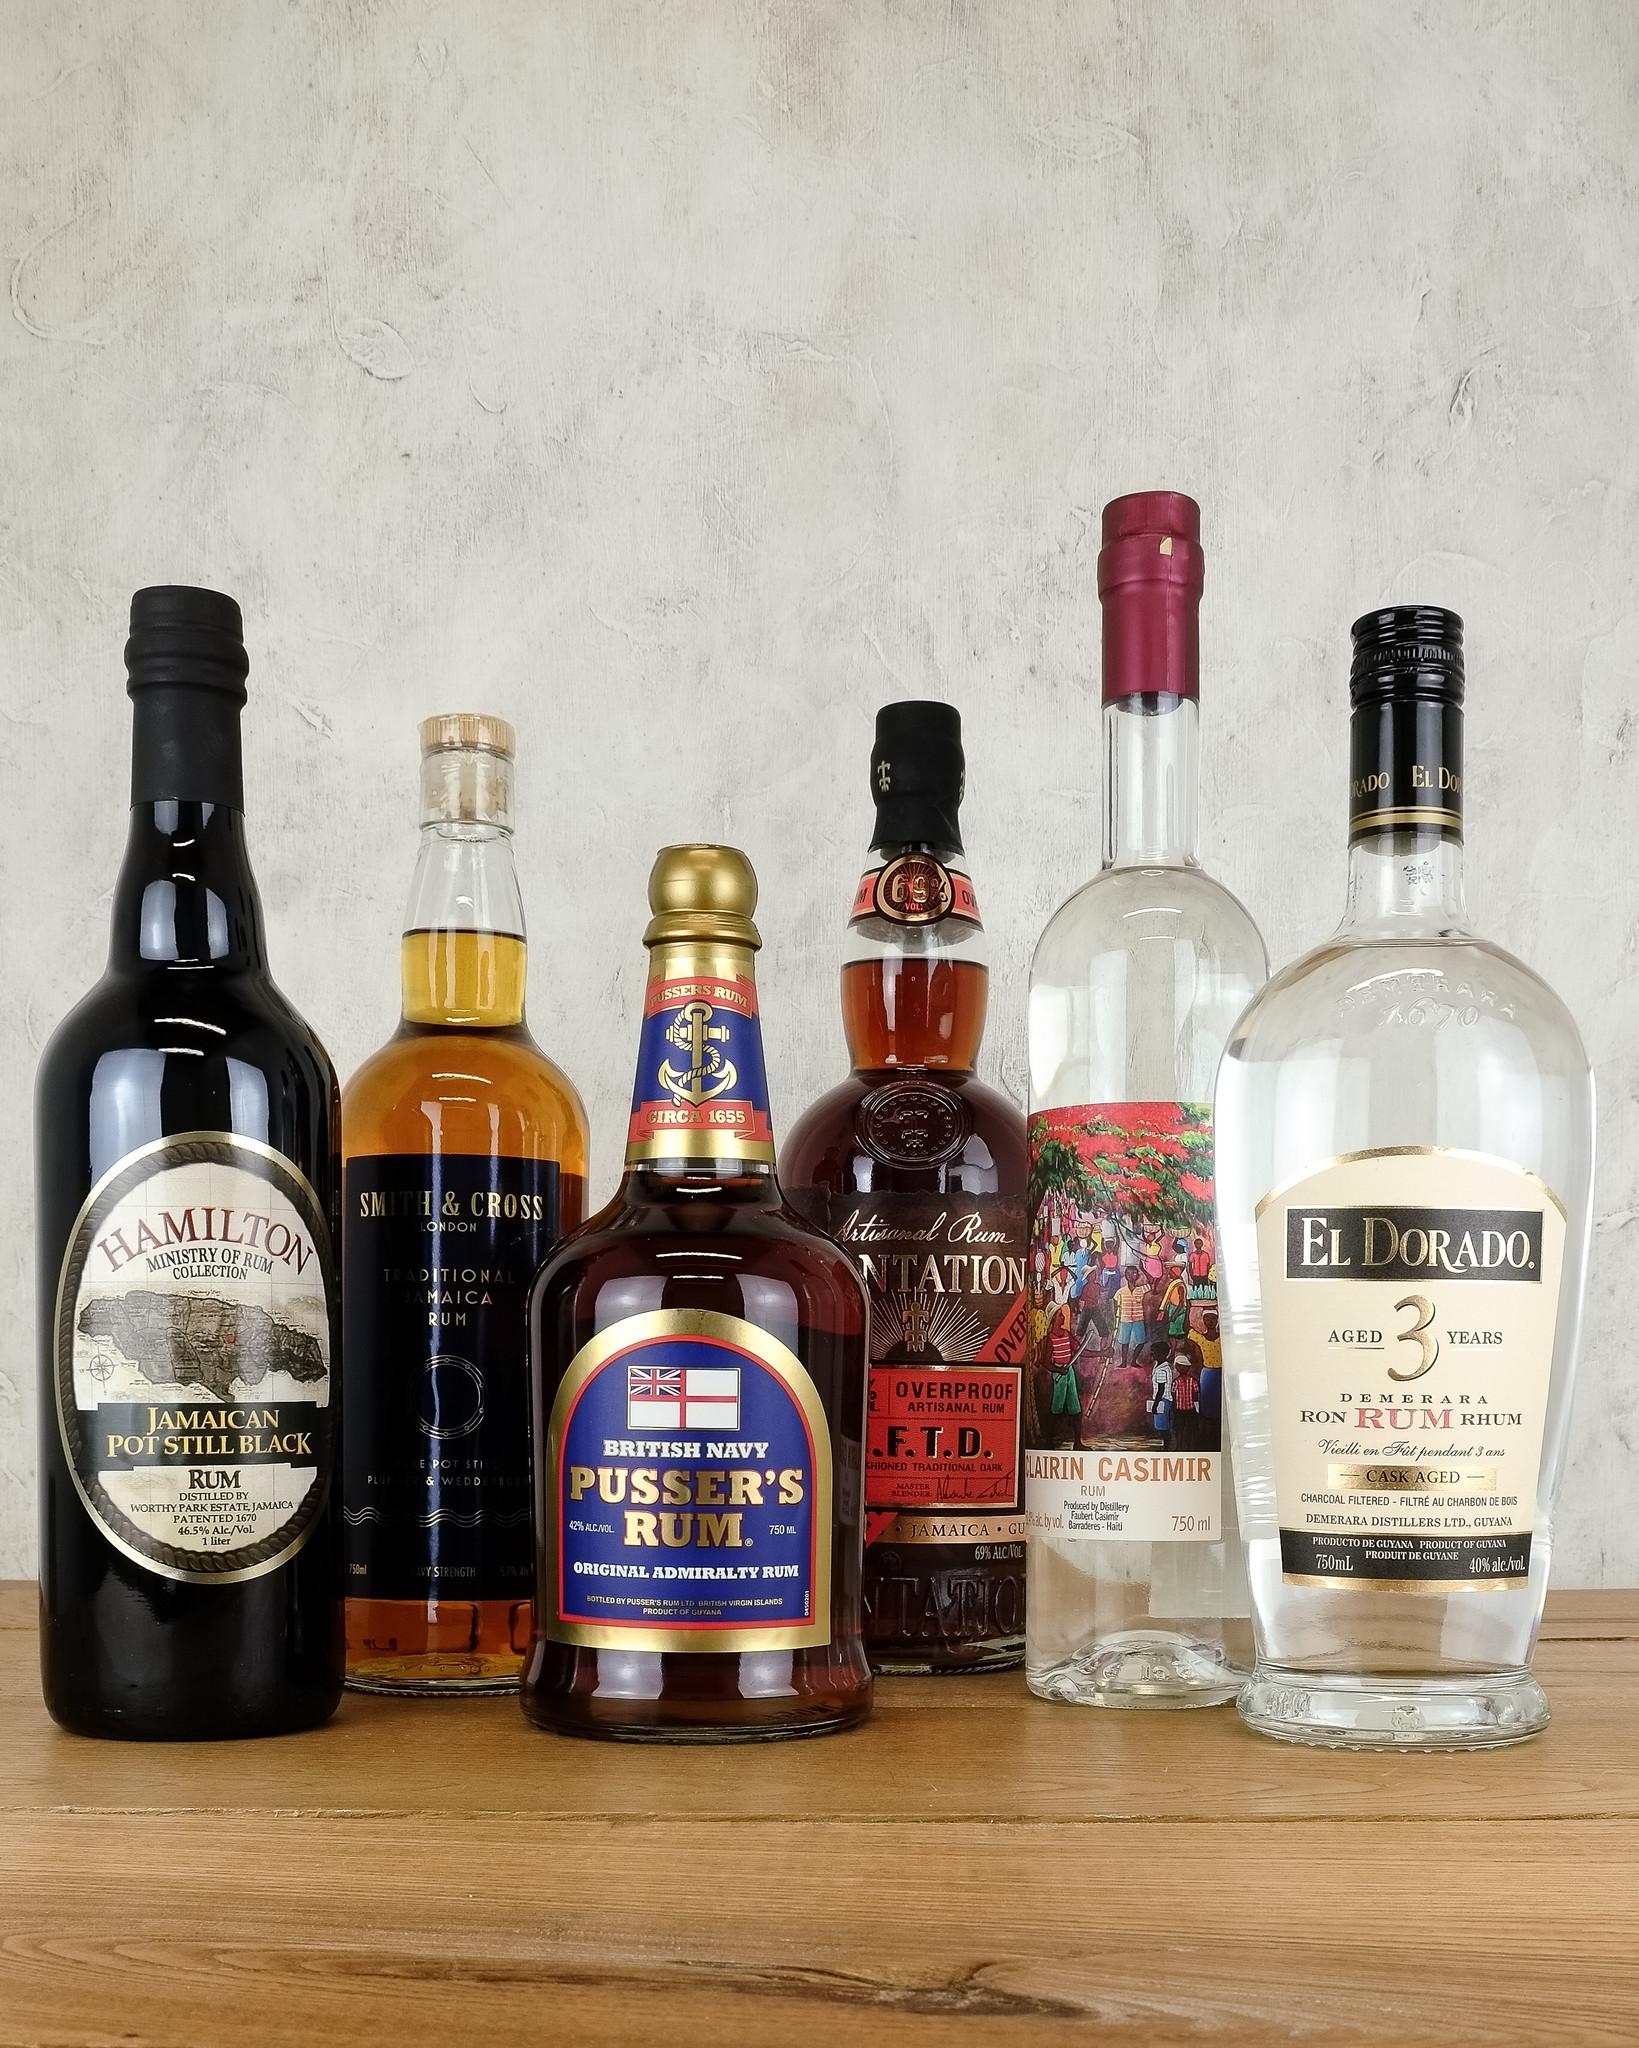 Fall Rum Cocktail Supplies